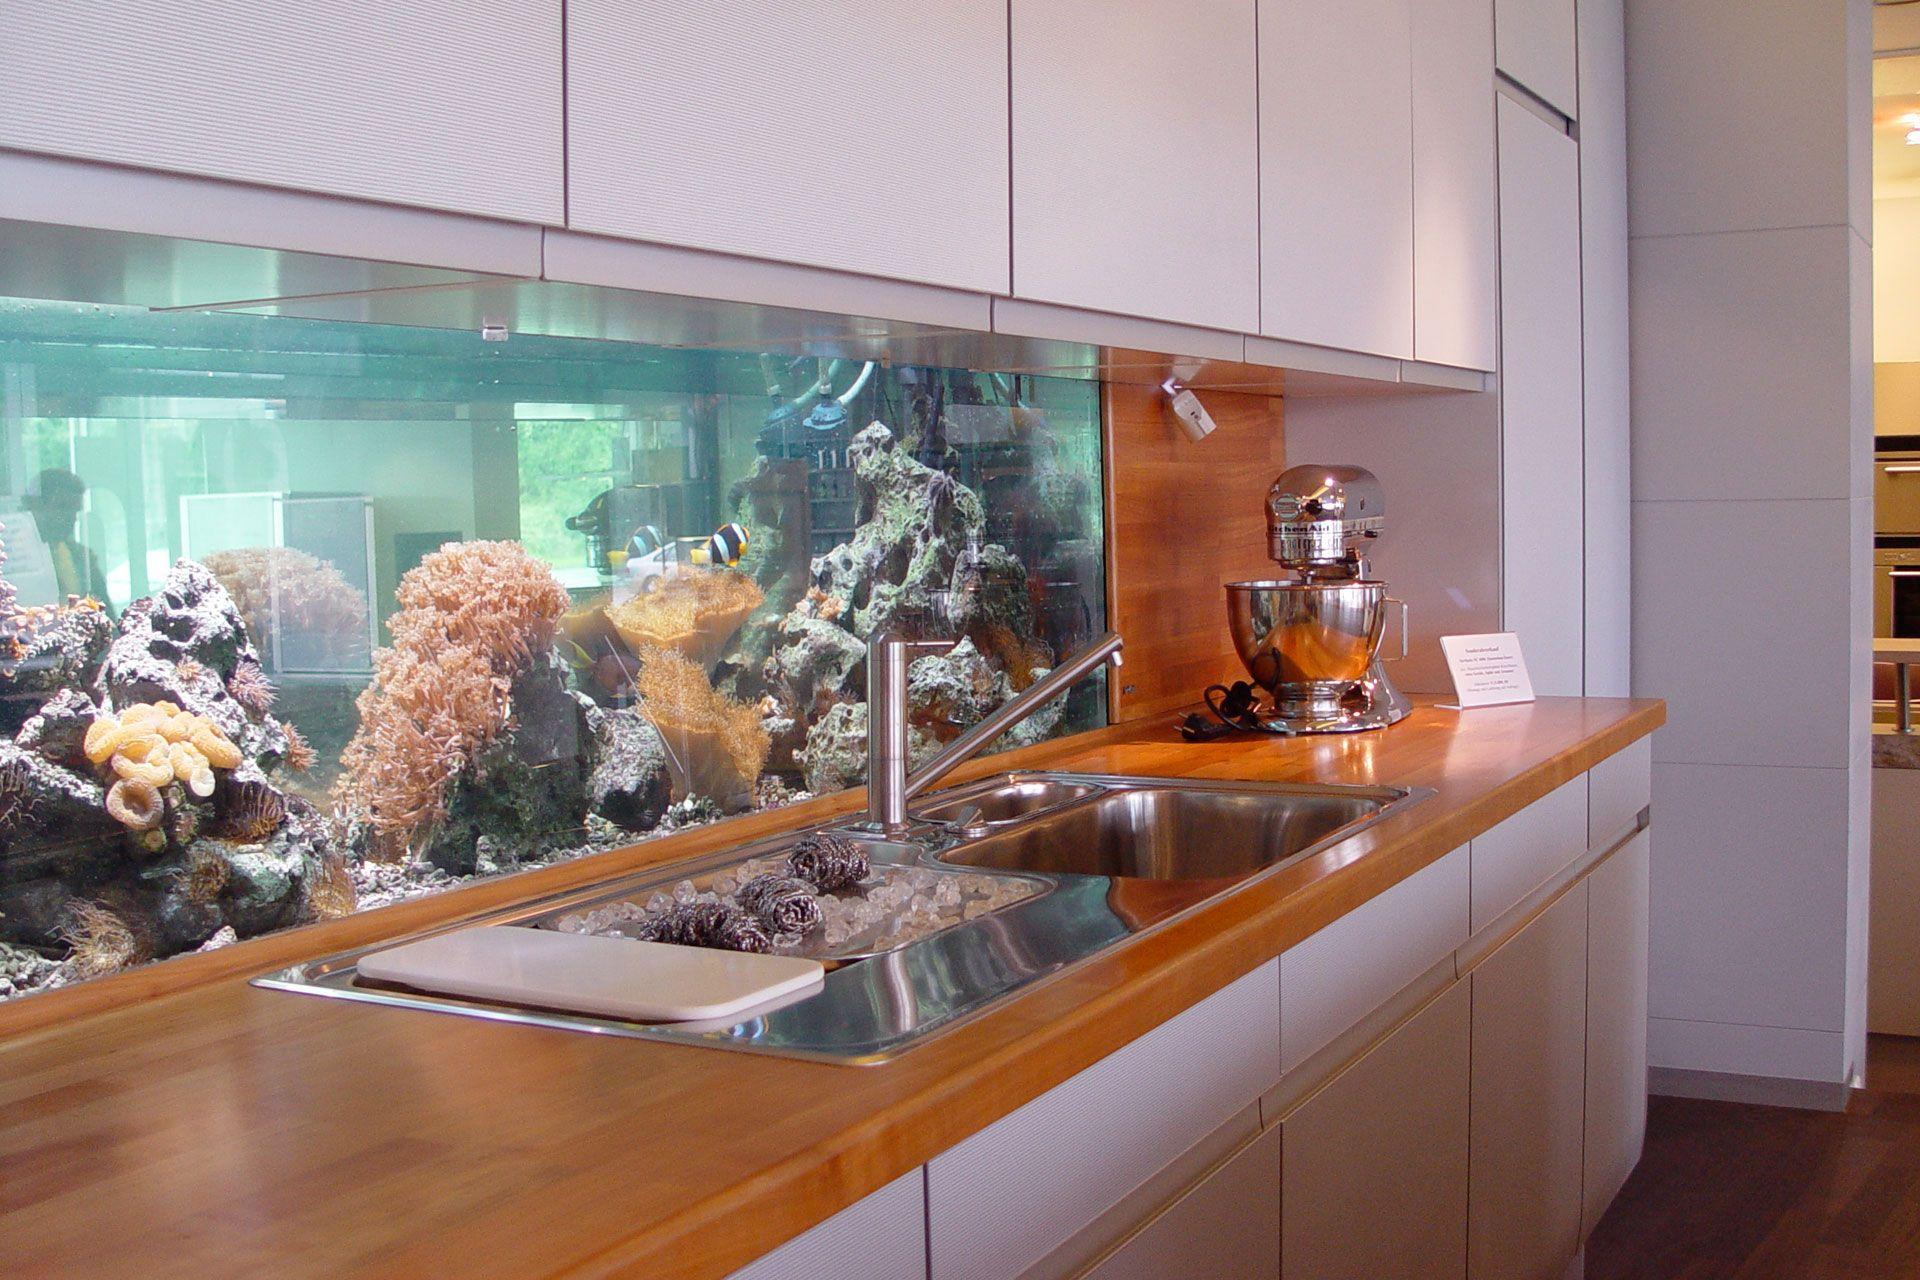 Piranha Aquarium Gebaut Von Aquarium West GmbH #AquariumWest  Premium Aquariumbau Www.aquariumwest.de #Meerwasseraquariumpodcast #  MarkusMahl #aqu2026